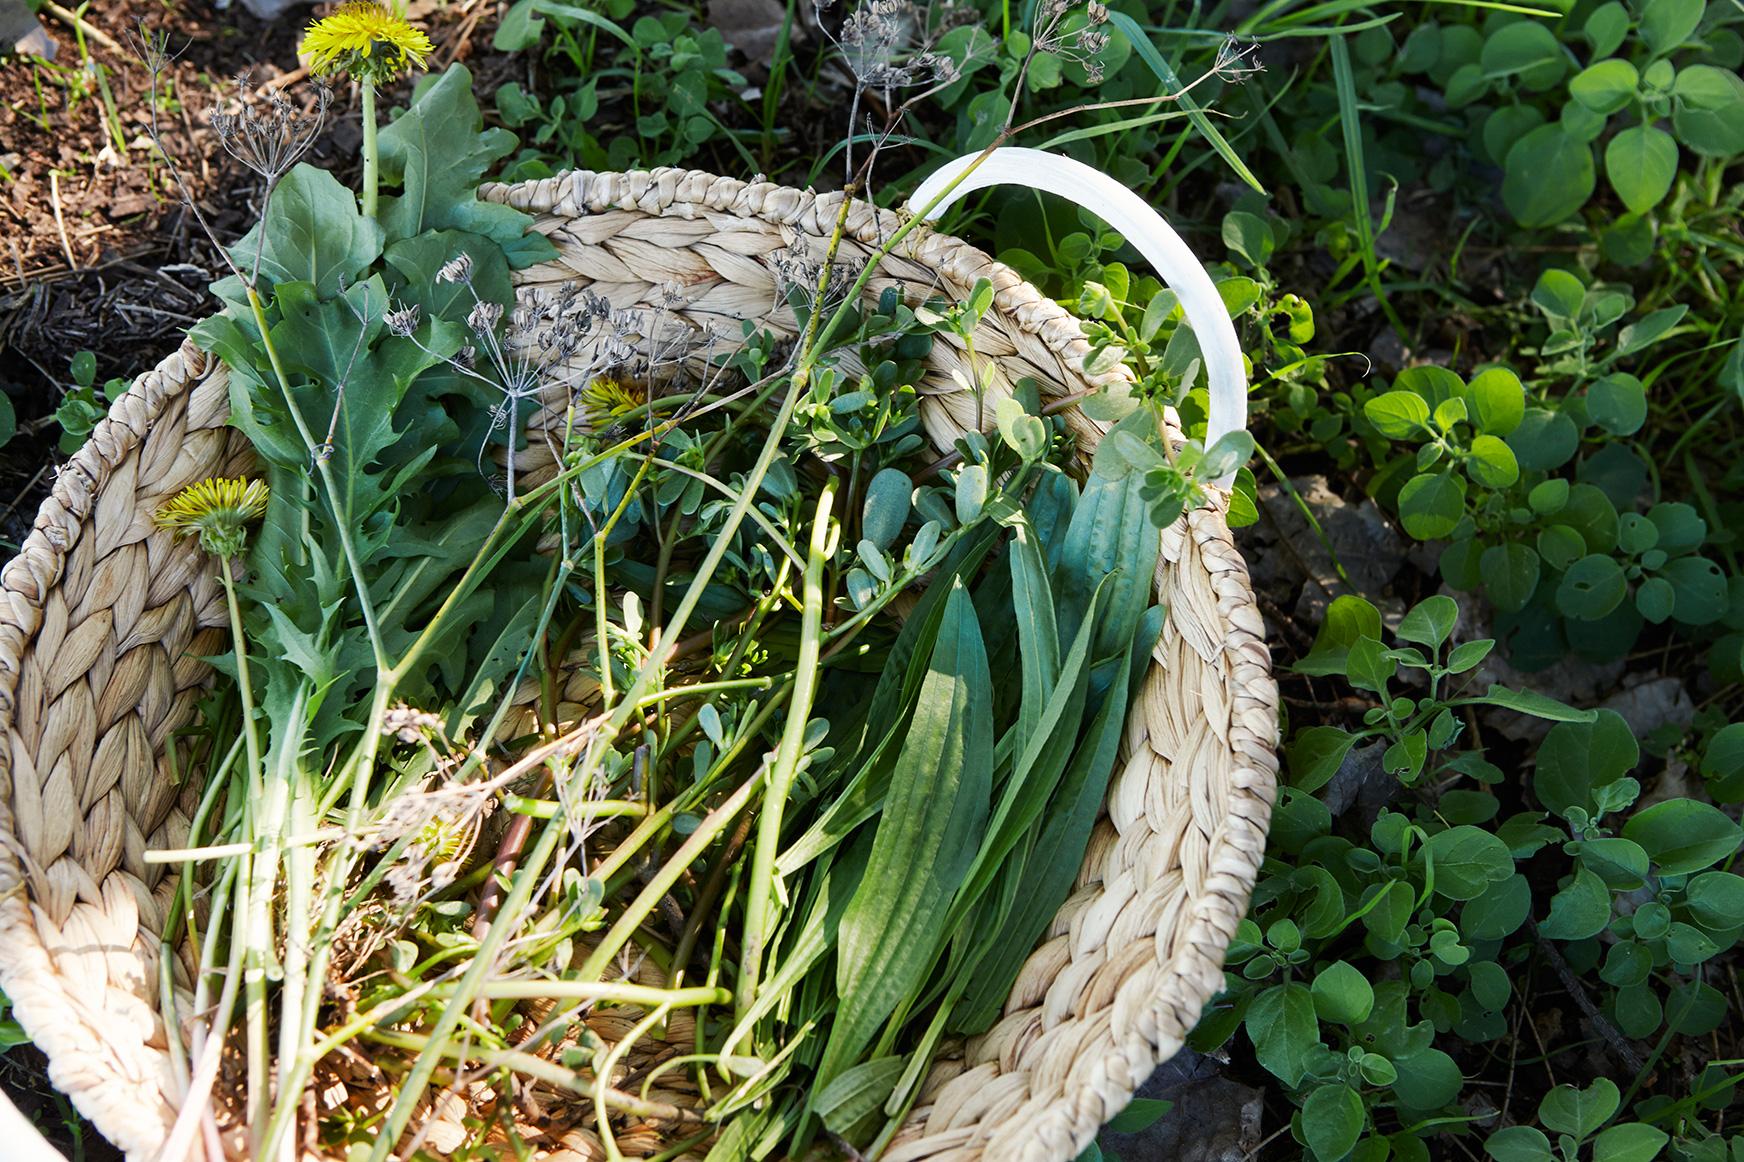 image by http://chrischen.com.au/